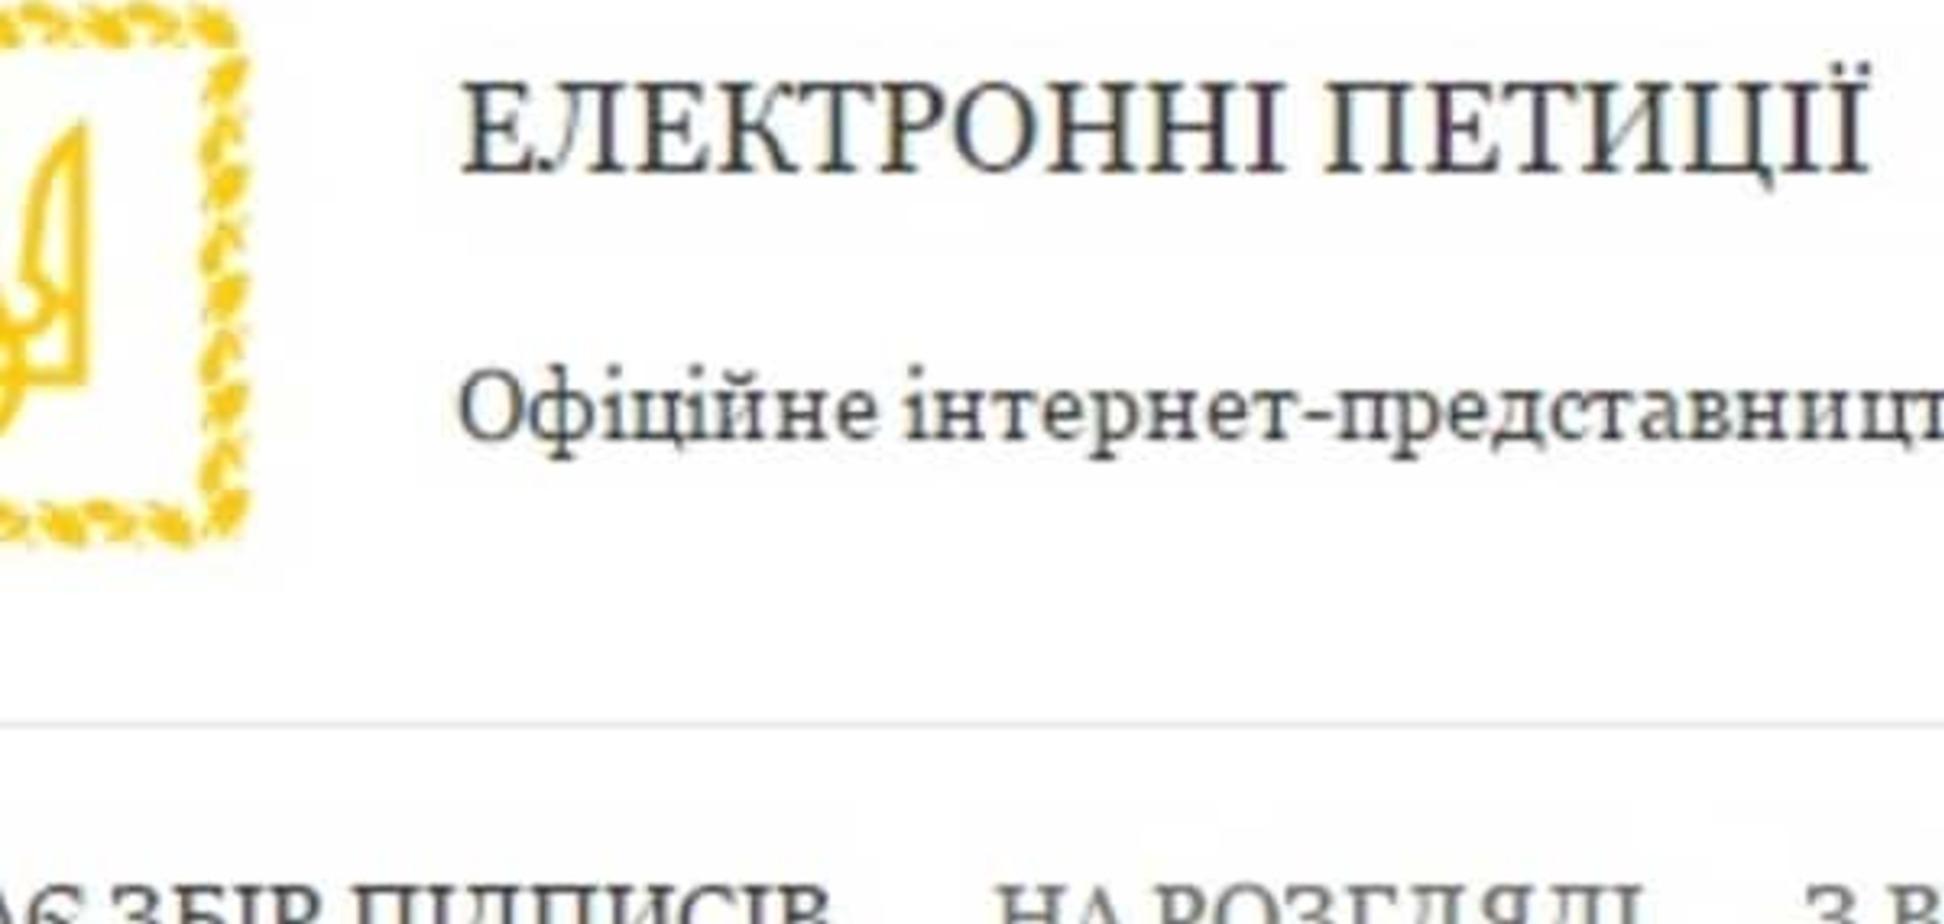 Переселить депутатов на о.Змеиный: ТОП-10 самых необычных электронных петиций Порошенко